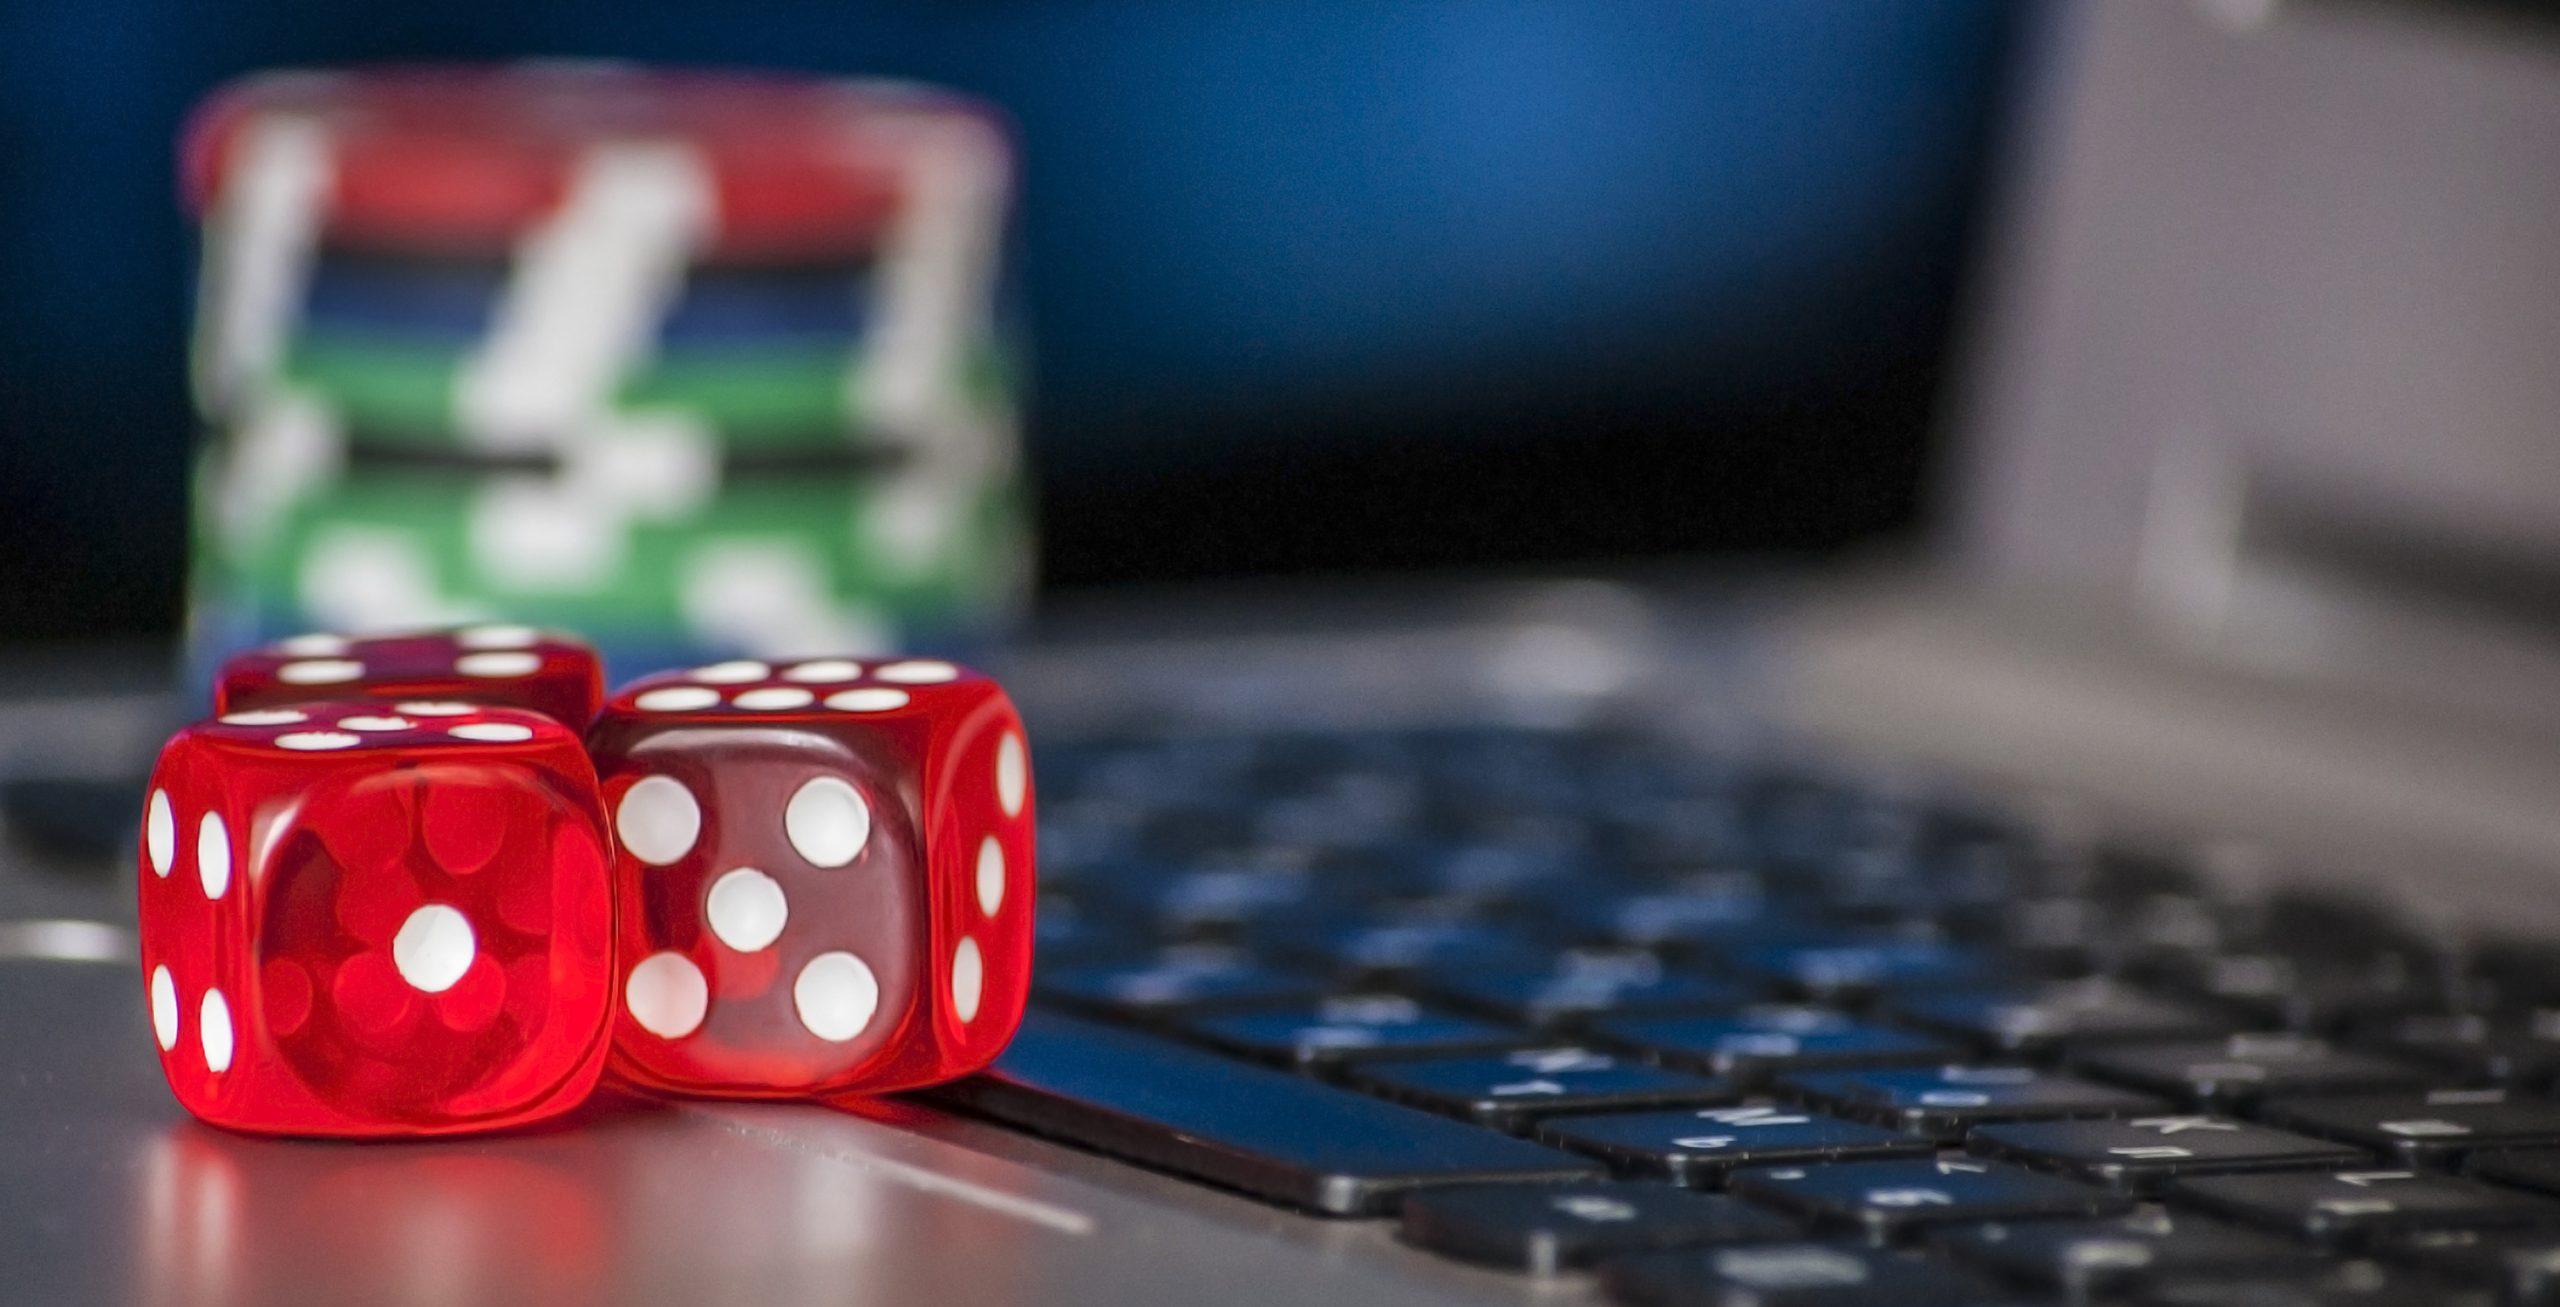 Jeux de dice - betFIRST Casino